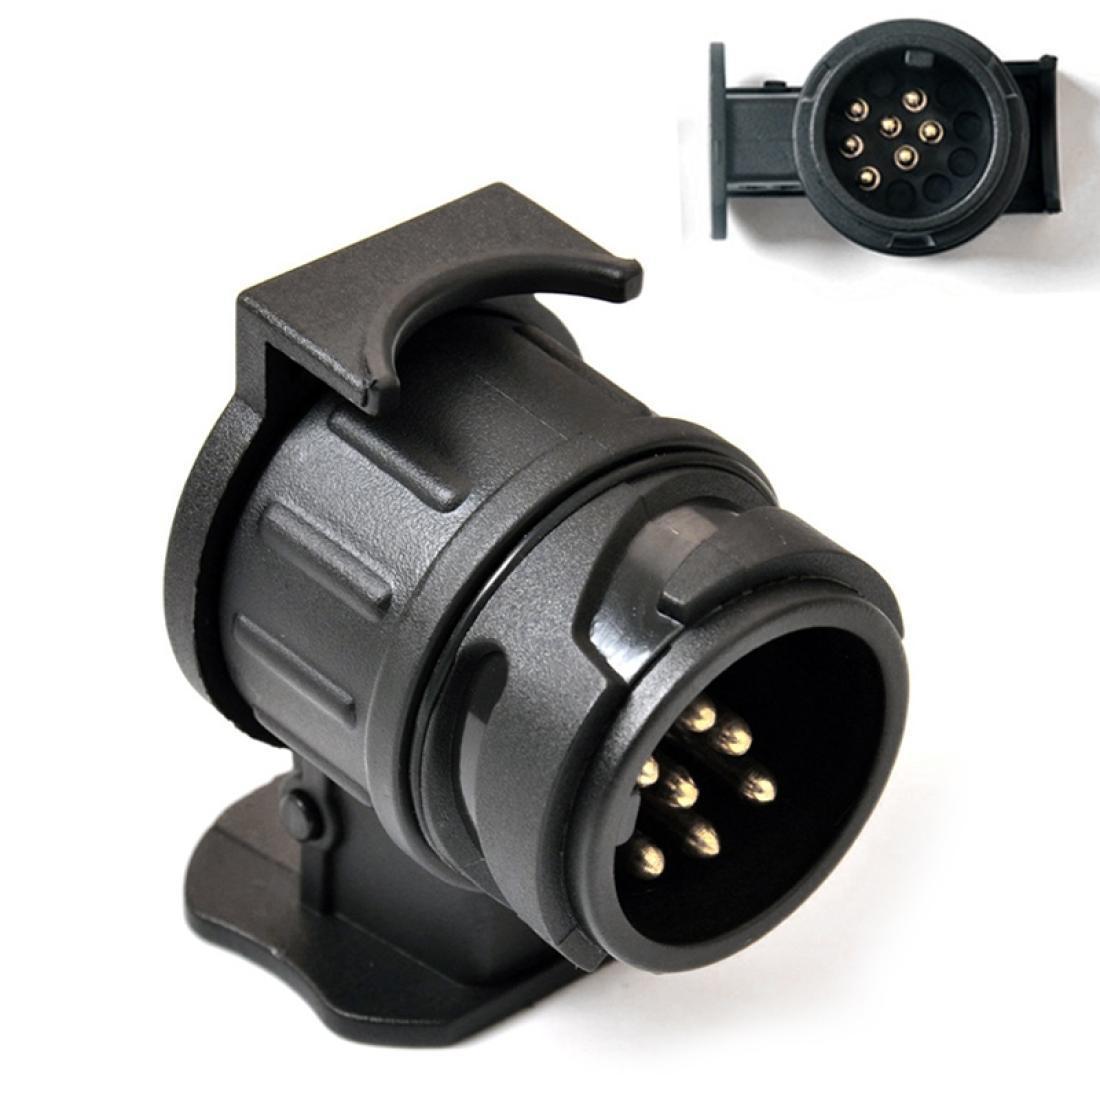 12V 13PIN до 7Pin Plug Chust Plug Гнездо Разъем Разъем Адаптер Автомобильный разъем для прицепа Автобус Европейская машина